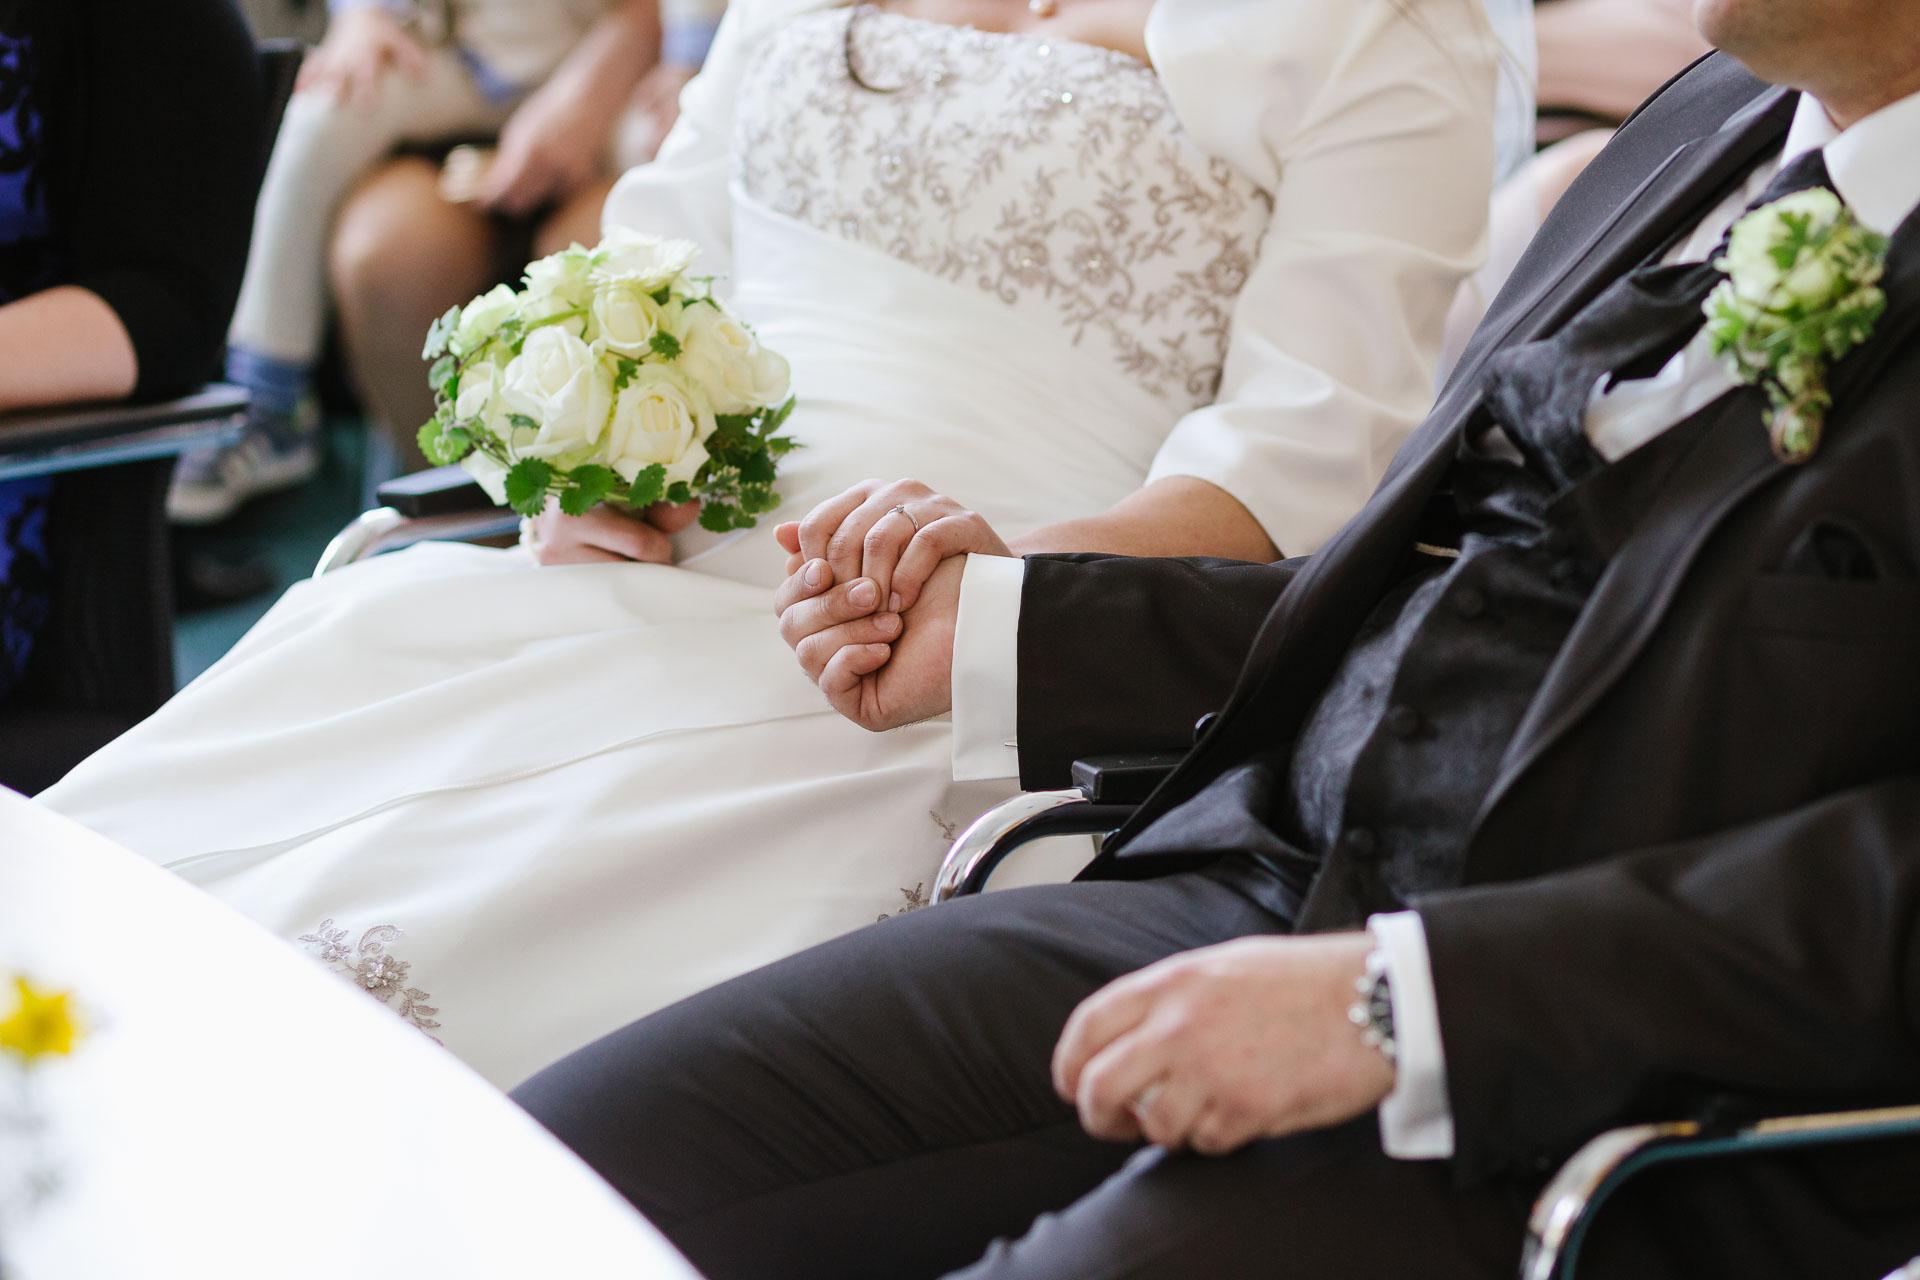 Bruatpaar haltet Händchen